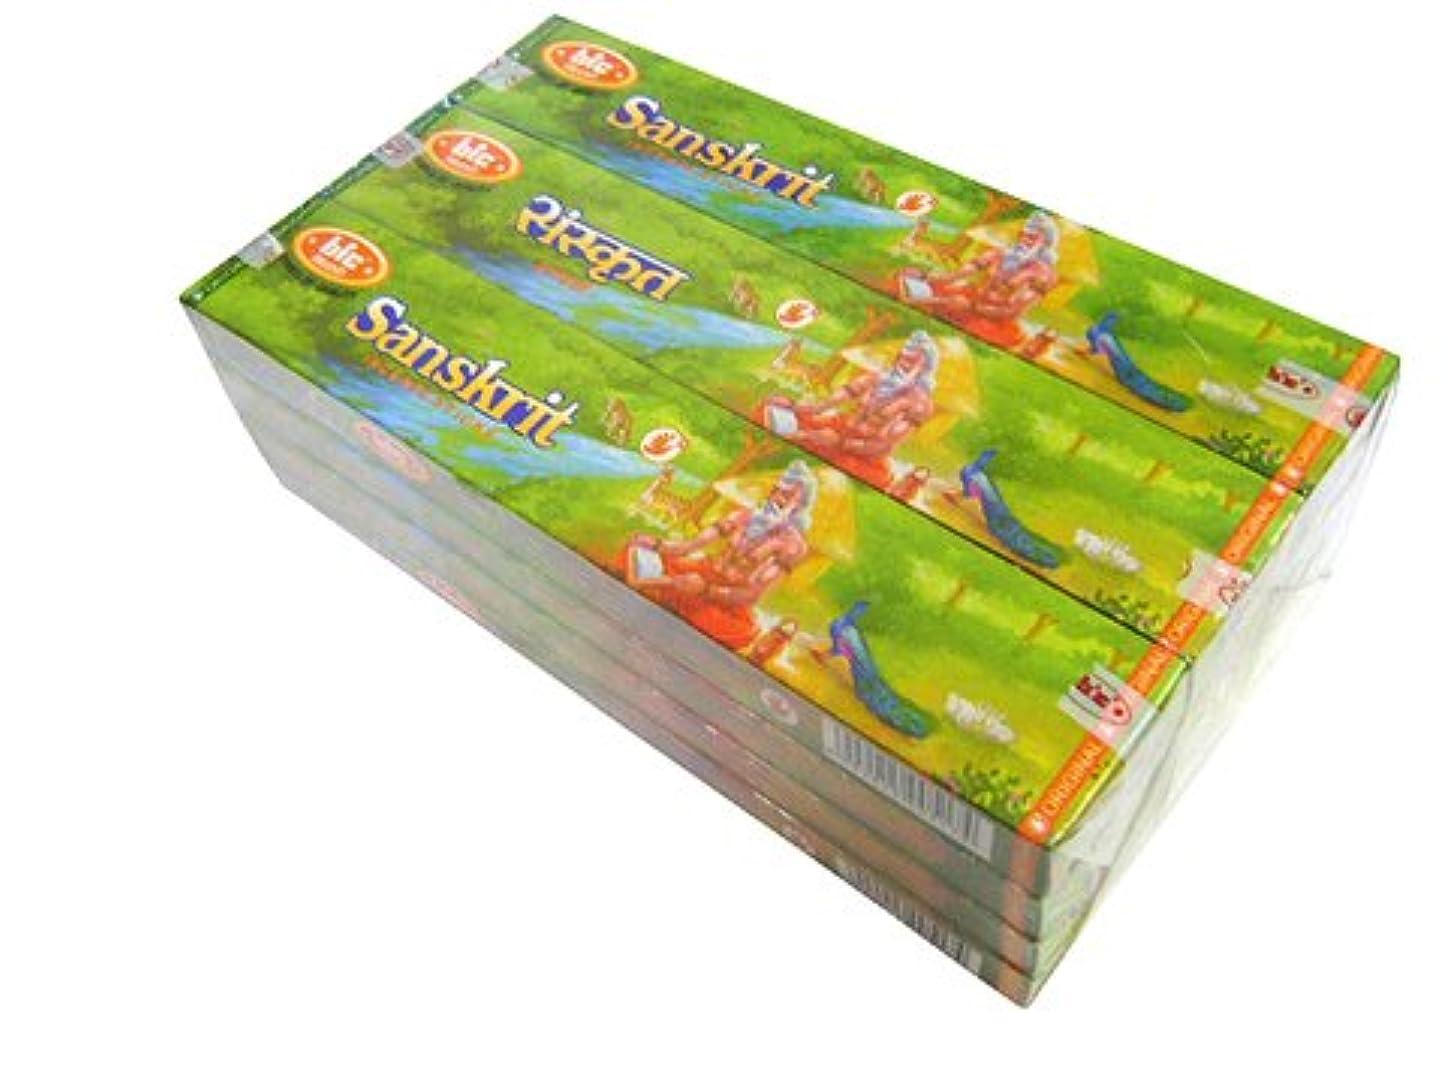 ヘルシー論争的アラビア語BIC(ビック) サンスクリット香(レギュラーボックス) スティック SANSKRIT REG BOX 12箱セット